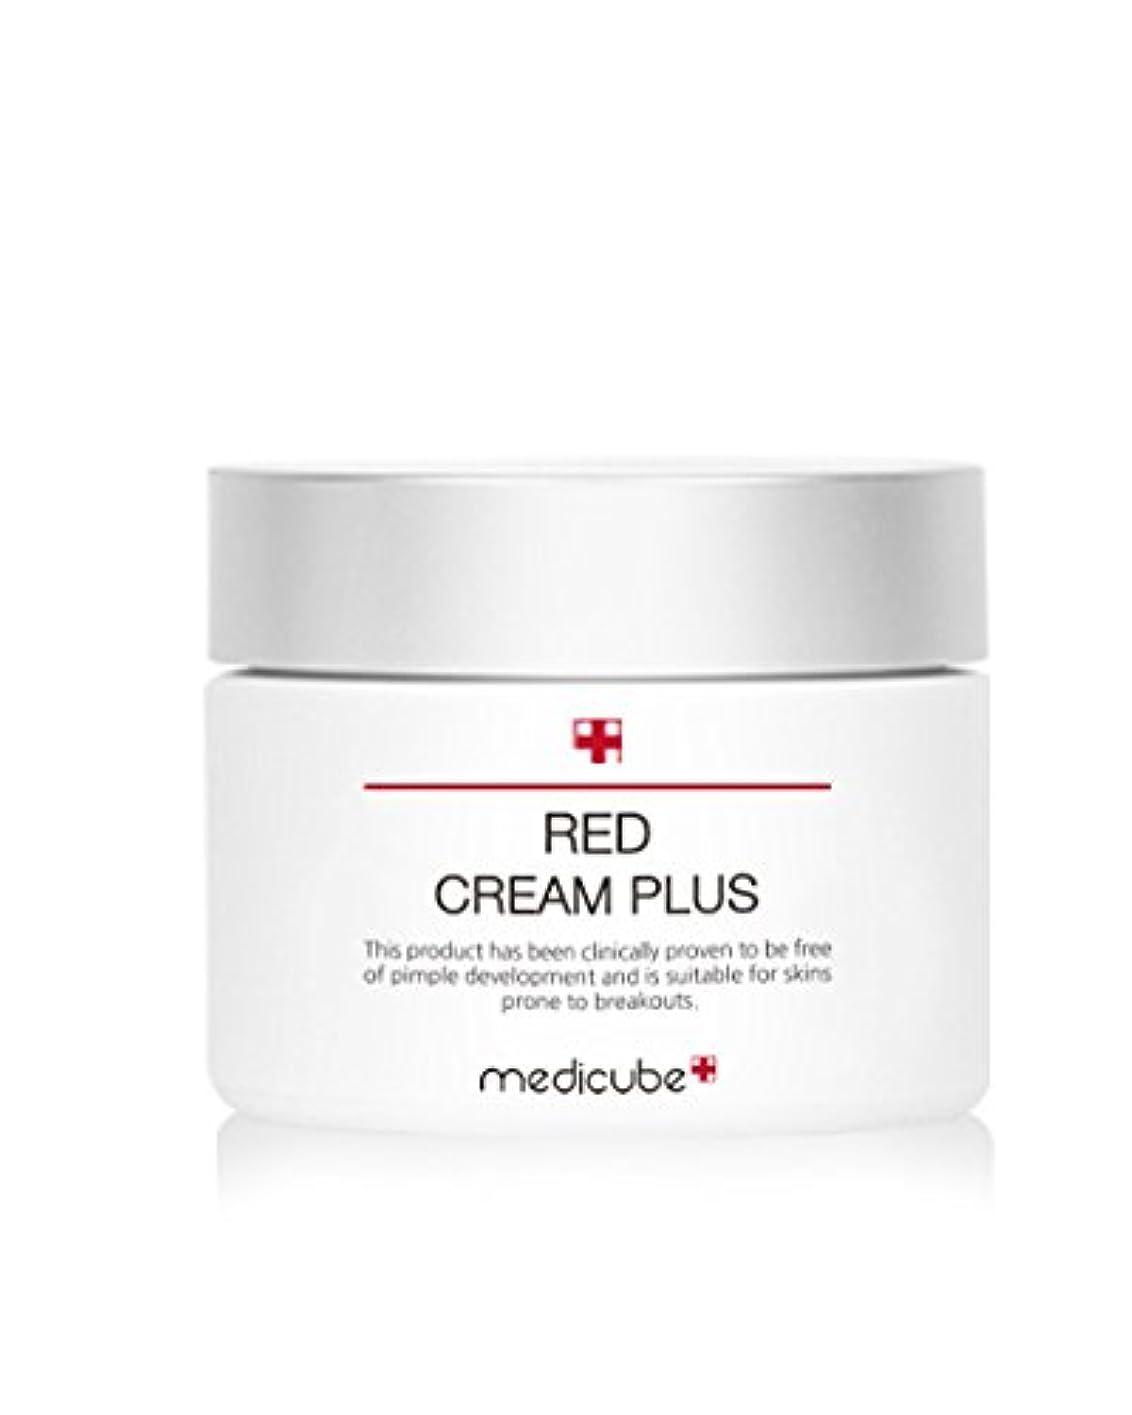 受信機再生的失業[Medicube]メディキューブ レッド クリーム プラス 大容量 100ml / Medicube Red Cream Plus 100ml [並行輸入品]